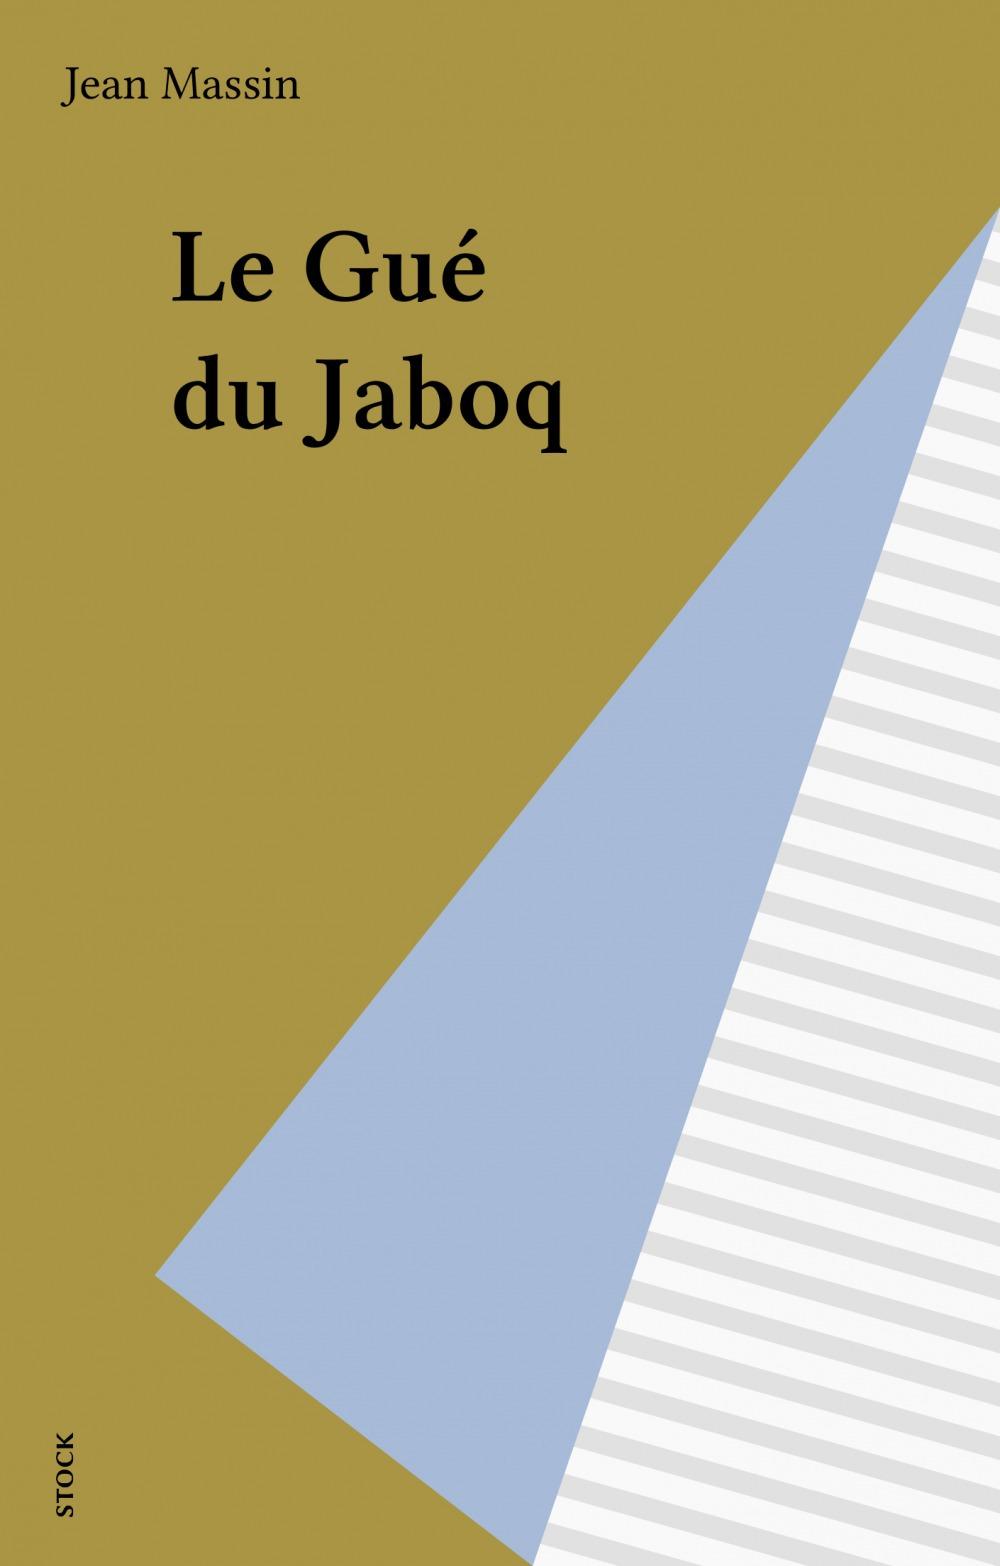 Le gue du jaboq